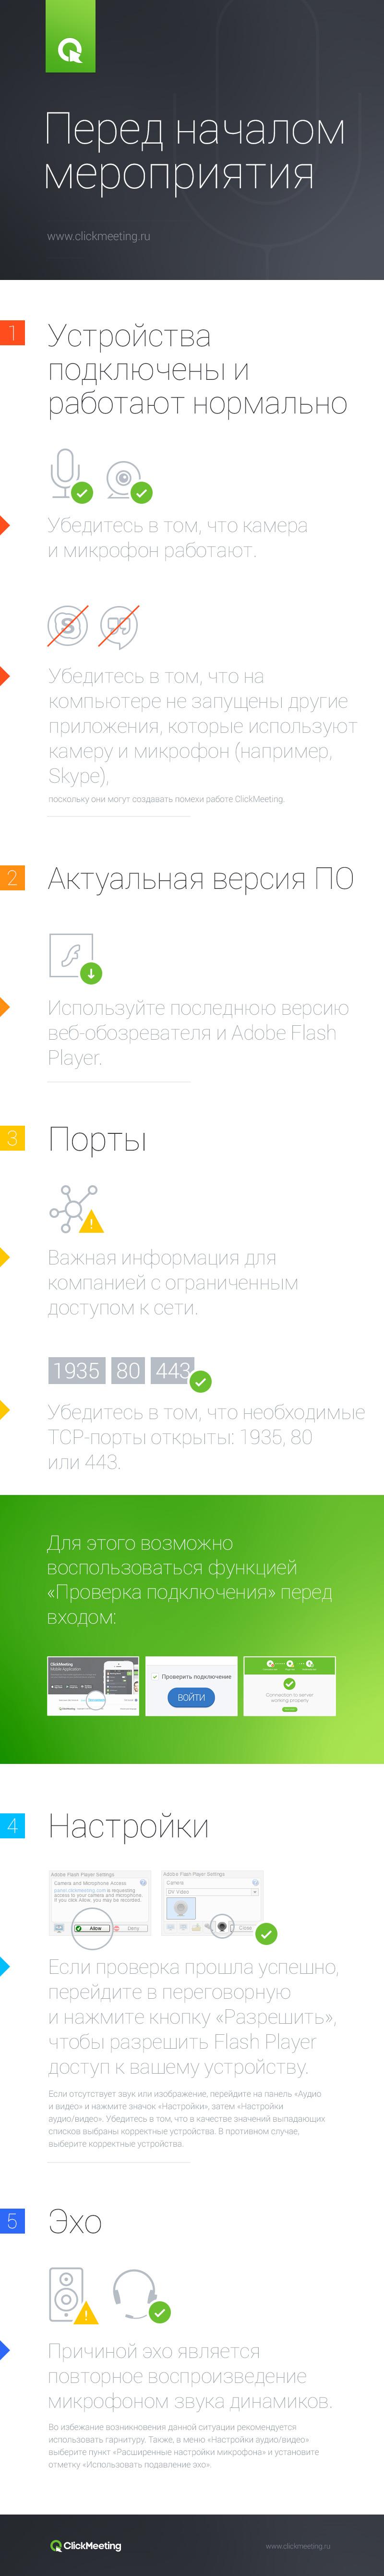 Перед началом мероприятия 1. Устройства подключены и работают нормально Убедитесь в том, что камера и микрофон работают. Убедитесь в том, что на компьютере не запущены другие приложения, которые используют камеру и микрофон (например, Skype), поскольку они могут создавать помехи работе ClickMeeting. 2. Актуальная версия ПО Используйте последнюю версию веб-обозревателя и Adobe Flash Player. 3. Порты Важная информация для компанией с ограниченным доступом к сети. Убедитесь в том, что необходимые TCP-порты открыты: 1935, 80 или 443. Для этого возможно воспользоваться функцией «Проверка подключения» перед входом: 4. Настройки Если проверка прошла успешно, перейдите в переговорную и нажмите кнопку «Разрешить», чтобы разрешить Flash Player доступ к вашему устройству. Если отсутствует звук или изображение, перейдите на панель «Аудио и видео» и нажмите значок «Настройки», затем «Настройки аудио/видео». Убедитесь в том, что в качестве значений выпадающих списков выбраны корректные устройства. В противном случае, выберите корректные устройства. 5. Эхо Причиной эхо является повторное воспроизведение микрофоном звука динамиков. Во избежание возникновения данной ситуации рекомендуется использовать гарнитуру. Также, в меню «Настройки аудио/видео» выберите пункт «Расширенные настройки микрофона» и установите отметку «Использовать подавление эхо».